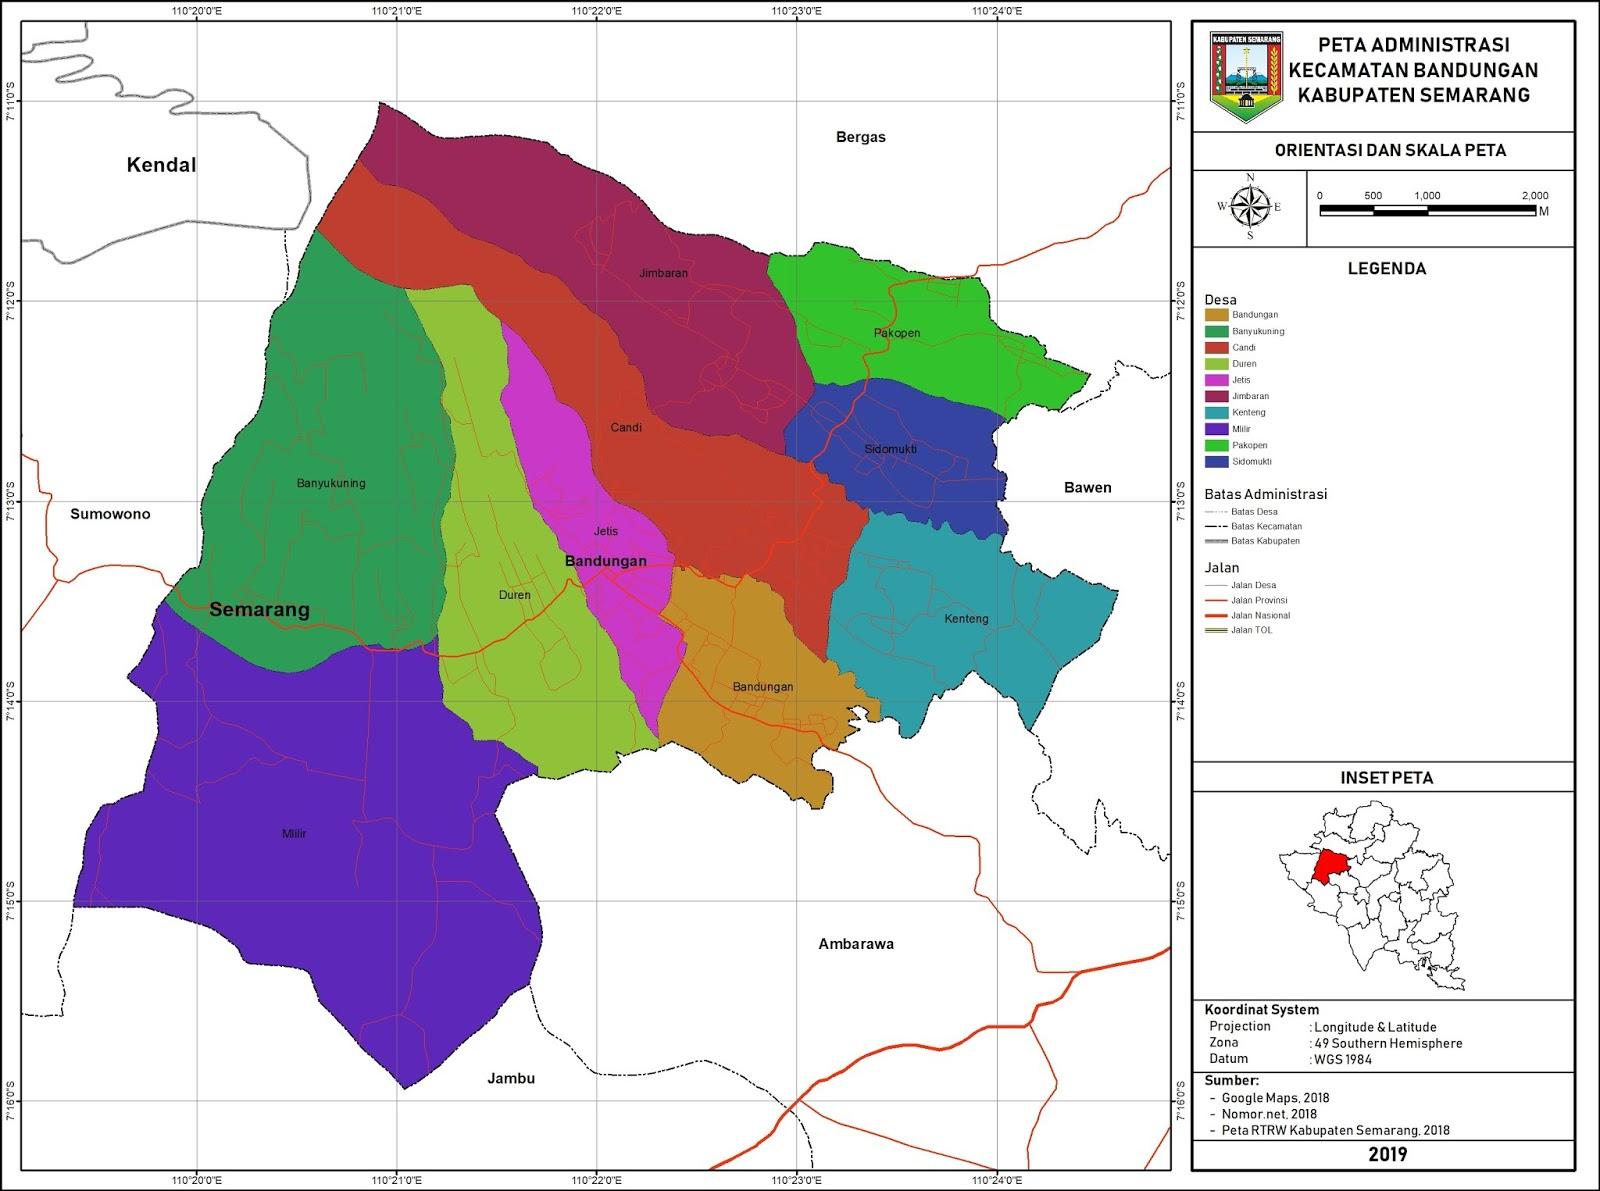 Peta Administrasi Kecamatan Bandungan, Kabupaten Semarang ...